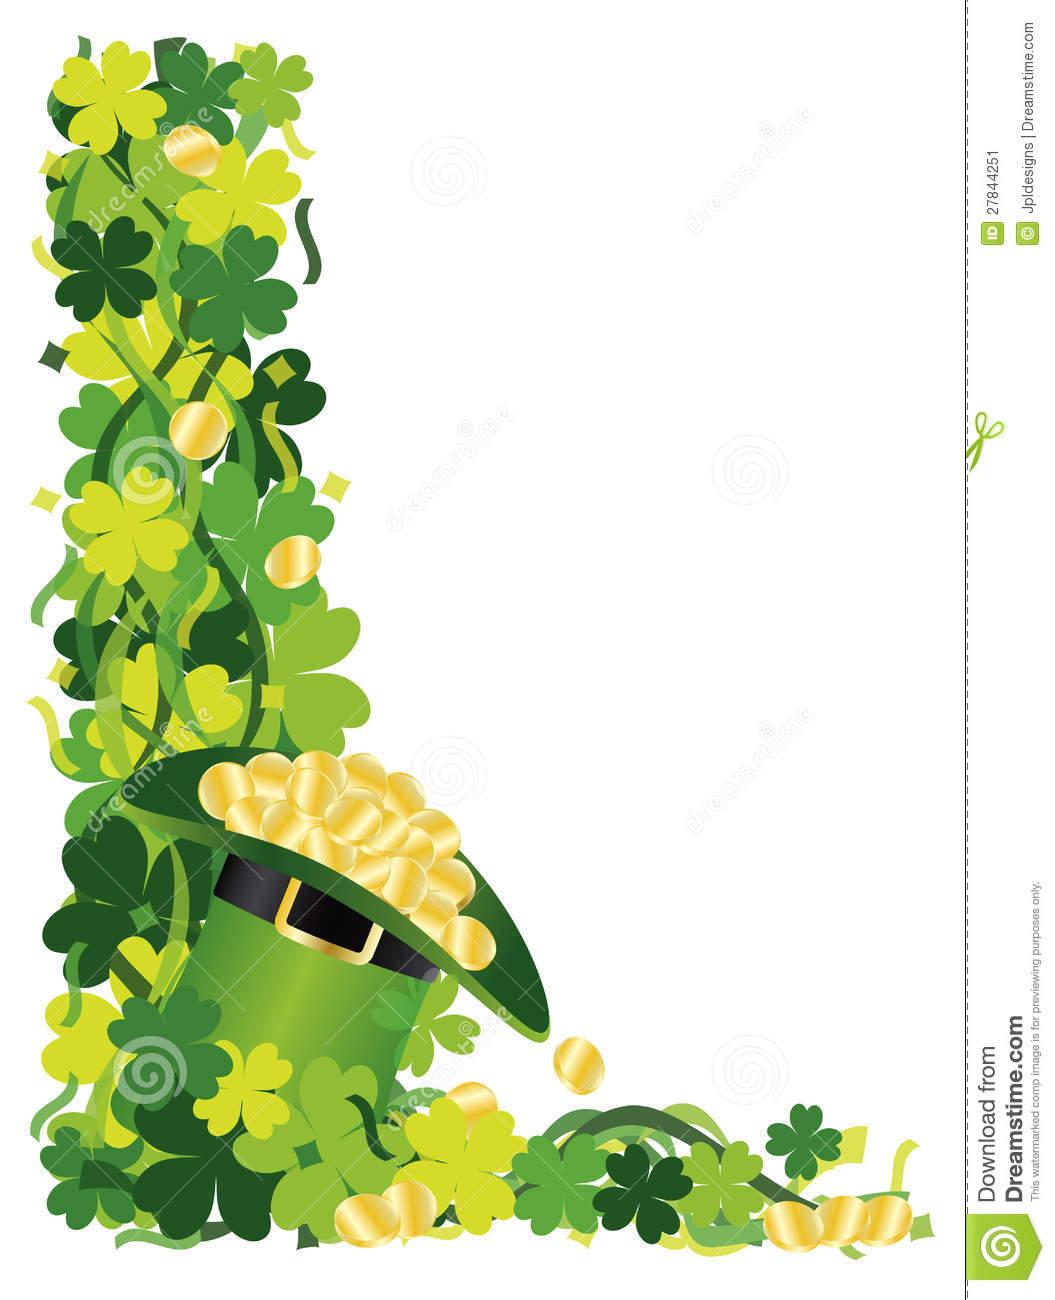 1055x1300 Four Leaf Clover Border Clipart